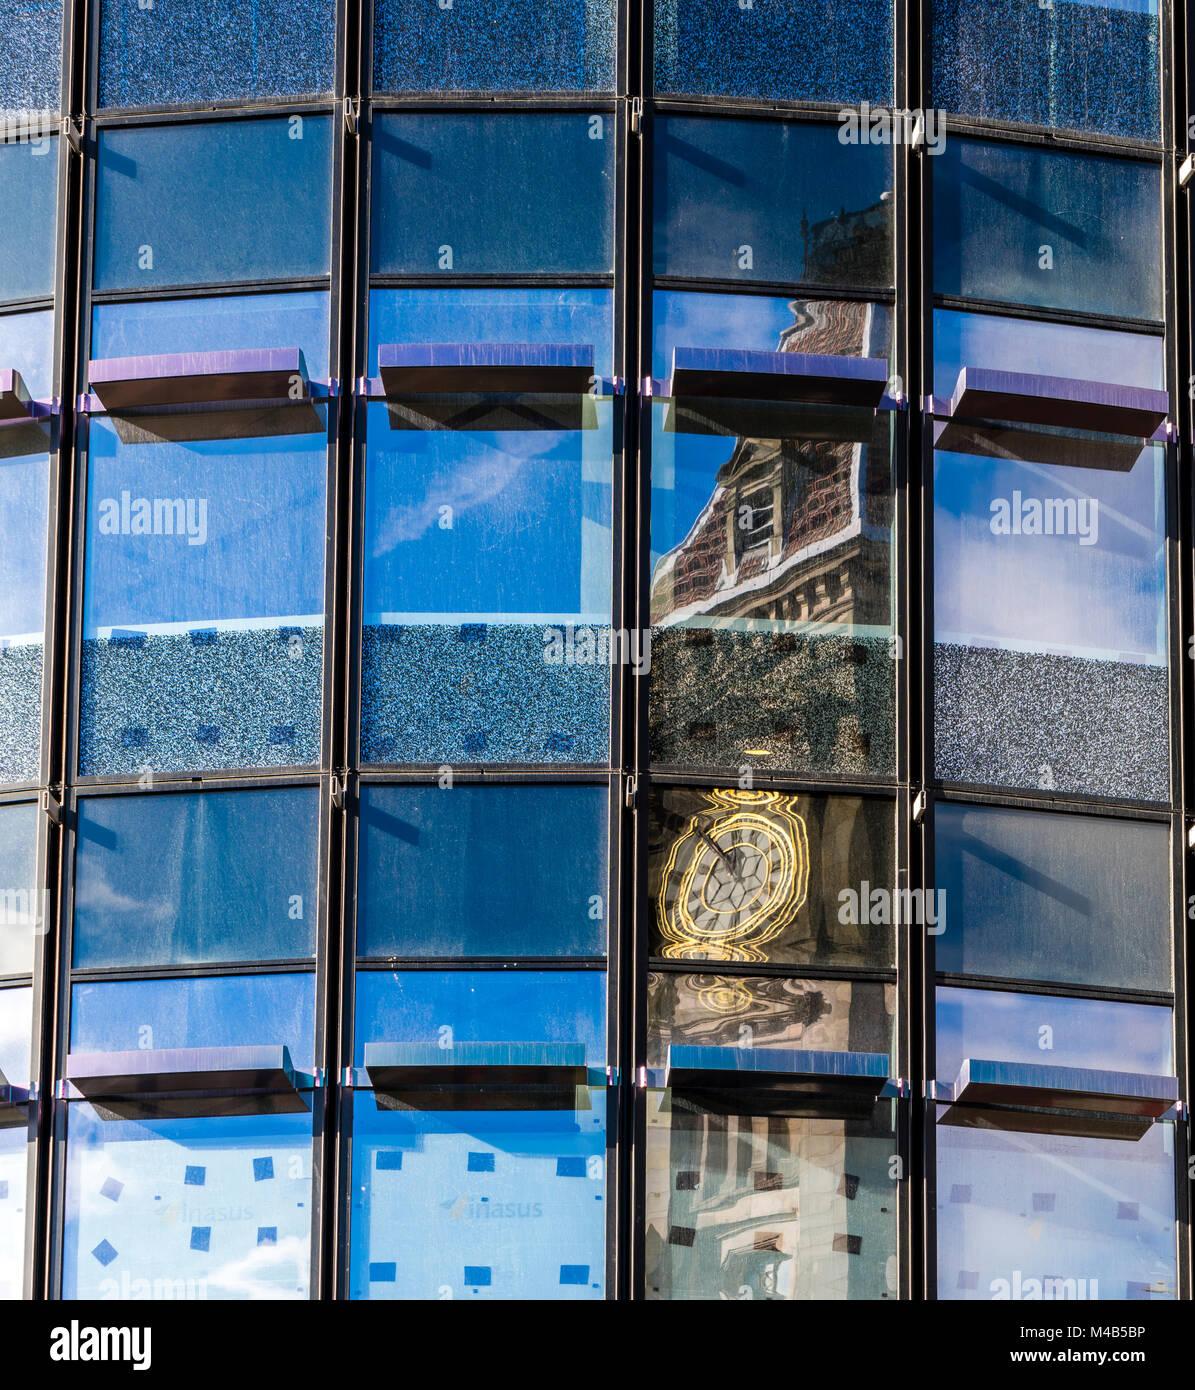 Reflexion der Clock Tower in ein neues Gebäude in Birmingham, Großbritannien Stockbild